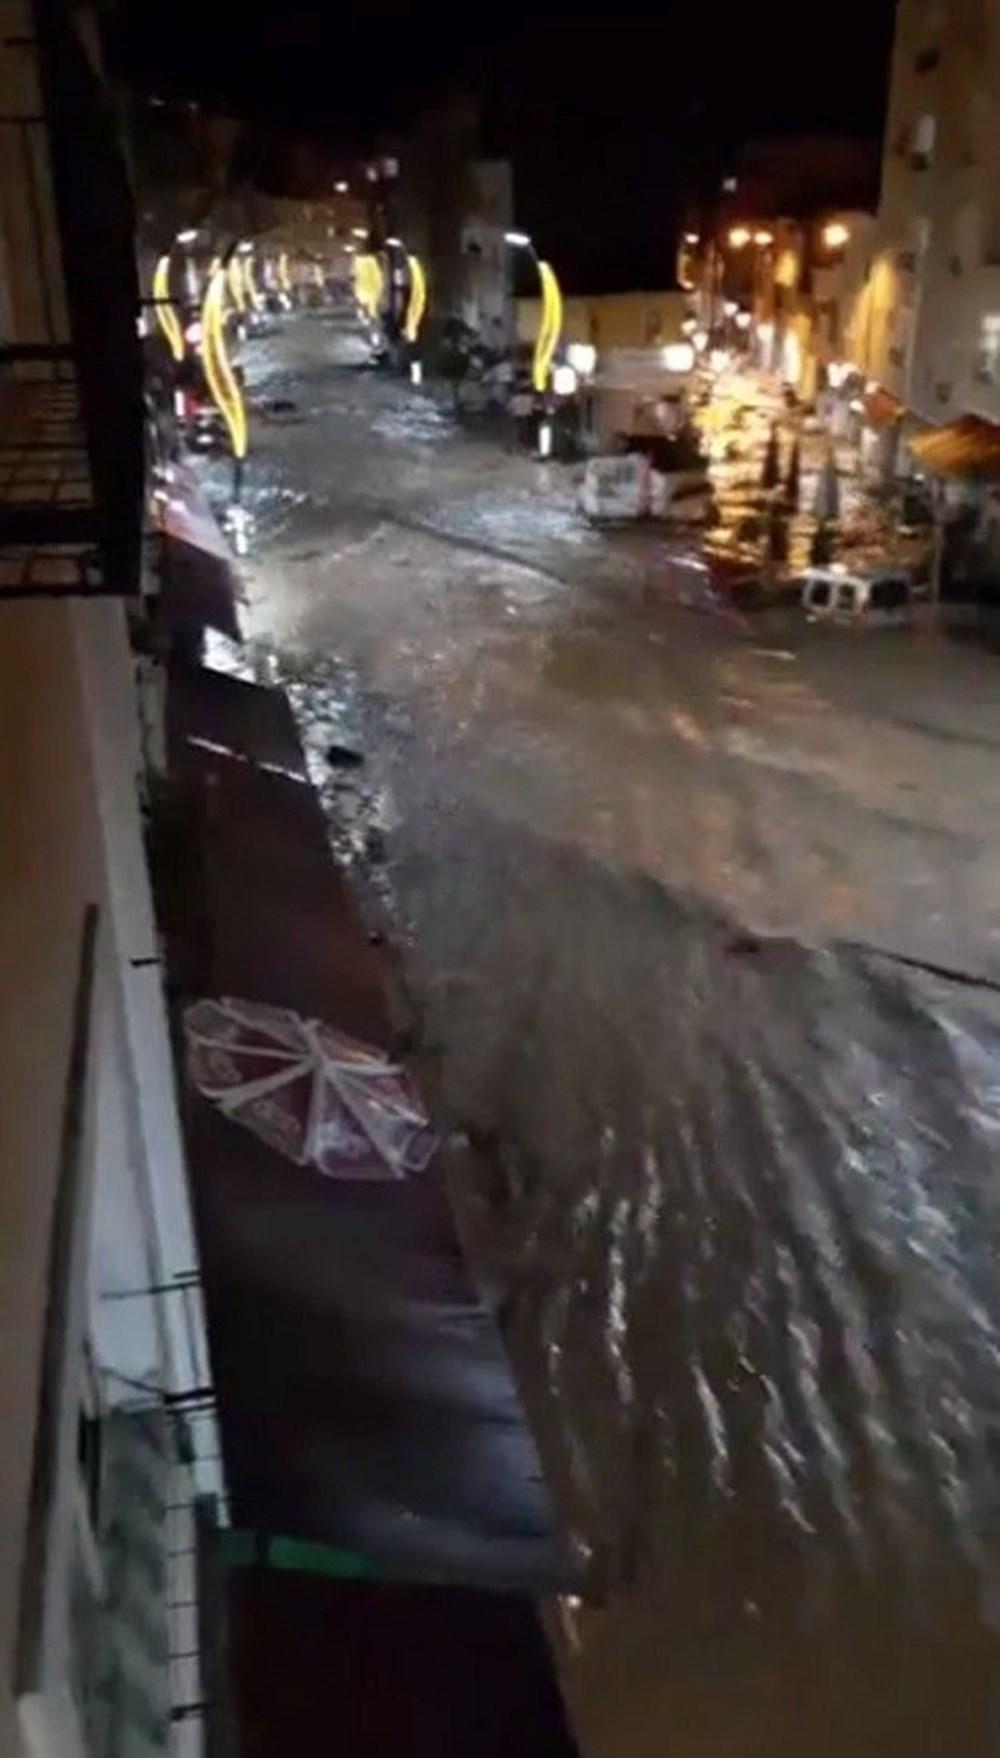 Giresun'u sel vurdu: 3 kişi hayatını kaybetti - 12